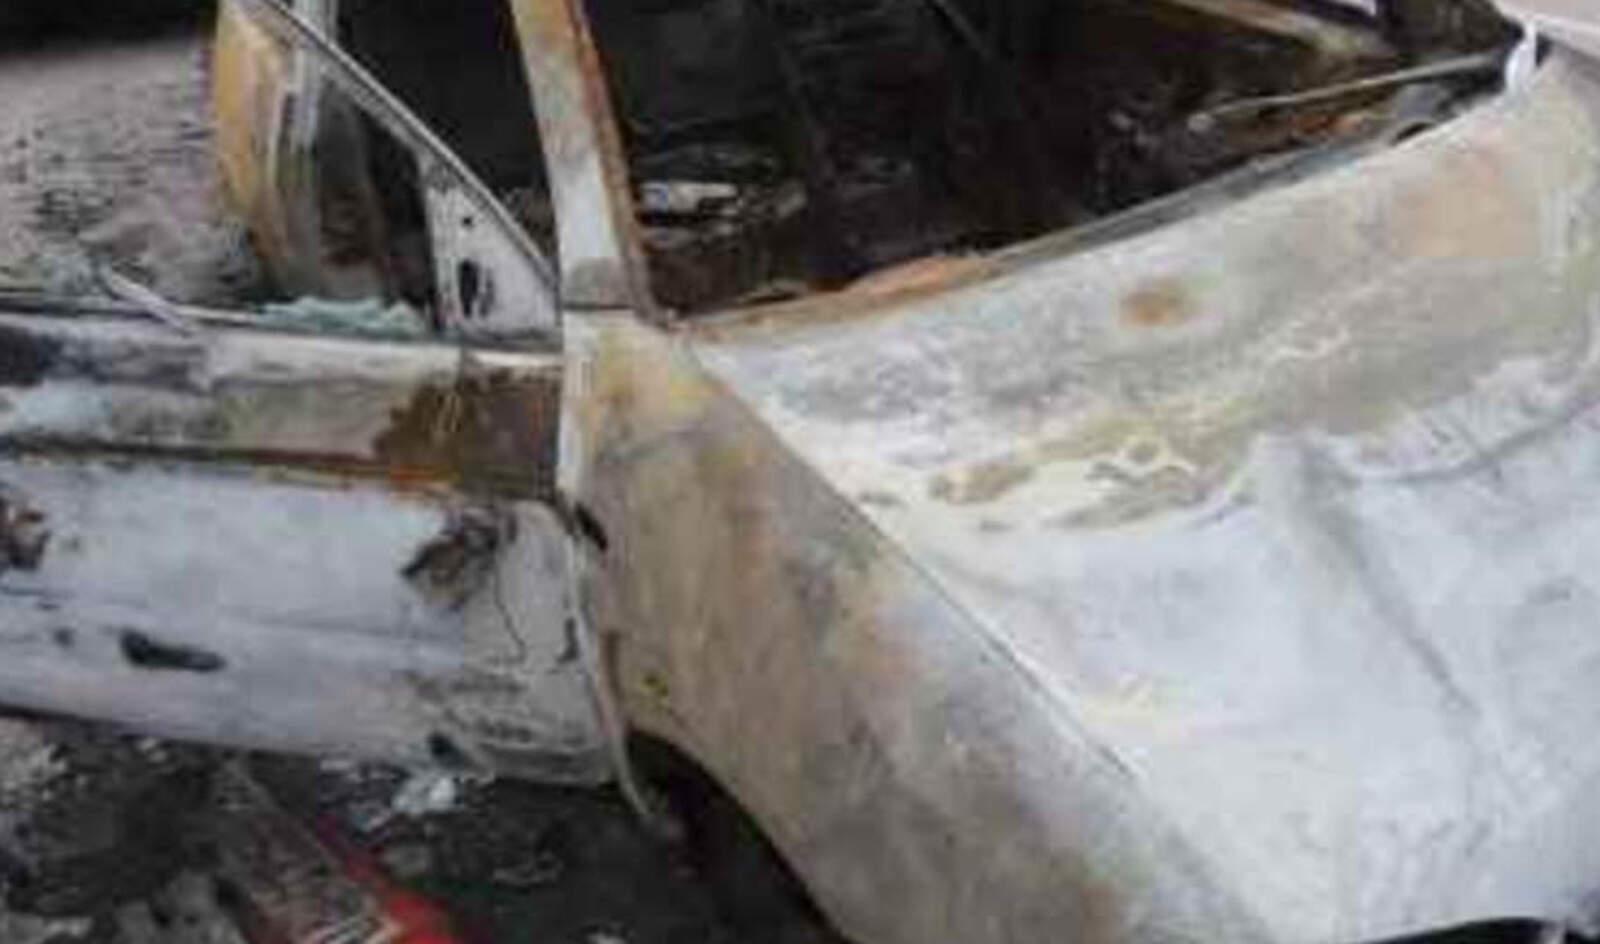 Cotxe cremat i abandonat en un carrer del polígon de Can Parellada de Terrassa